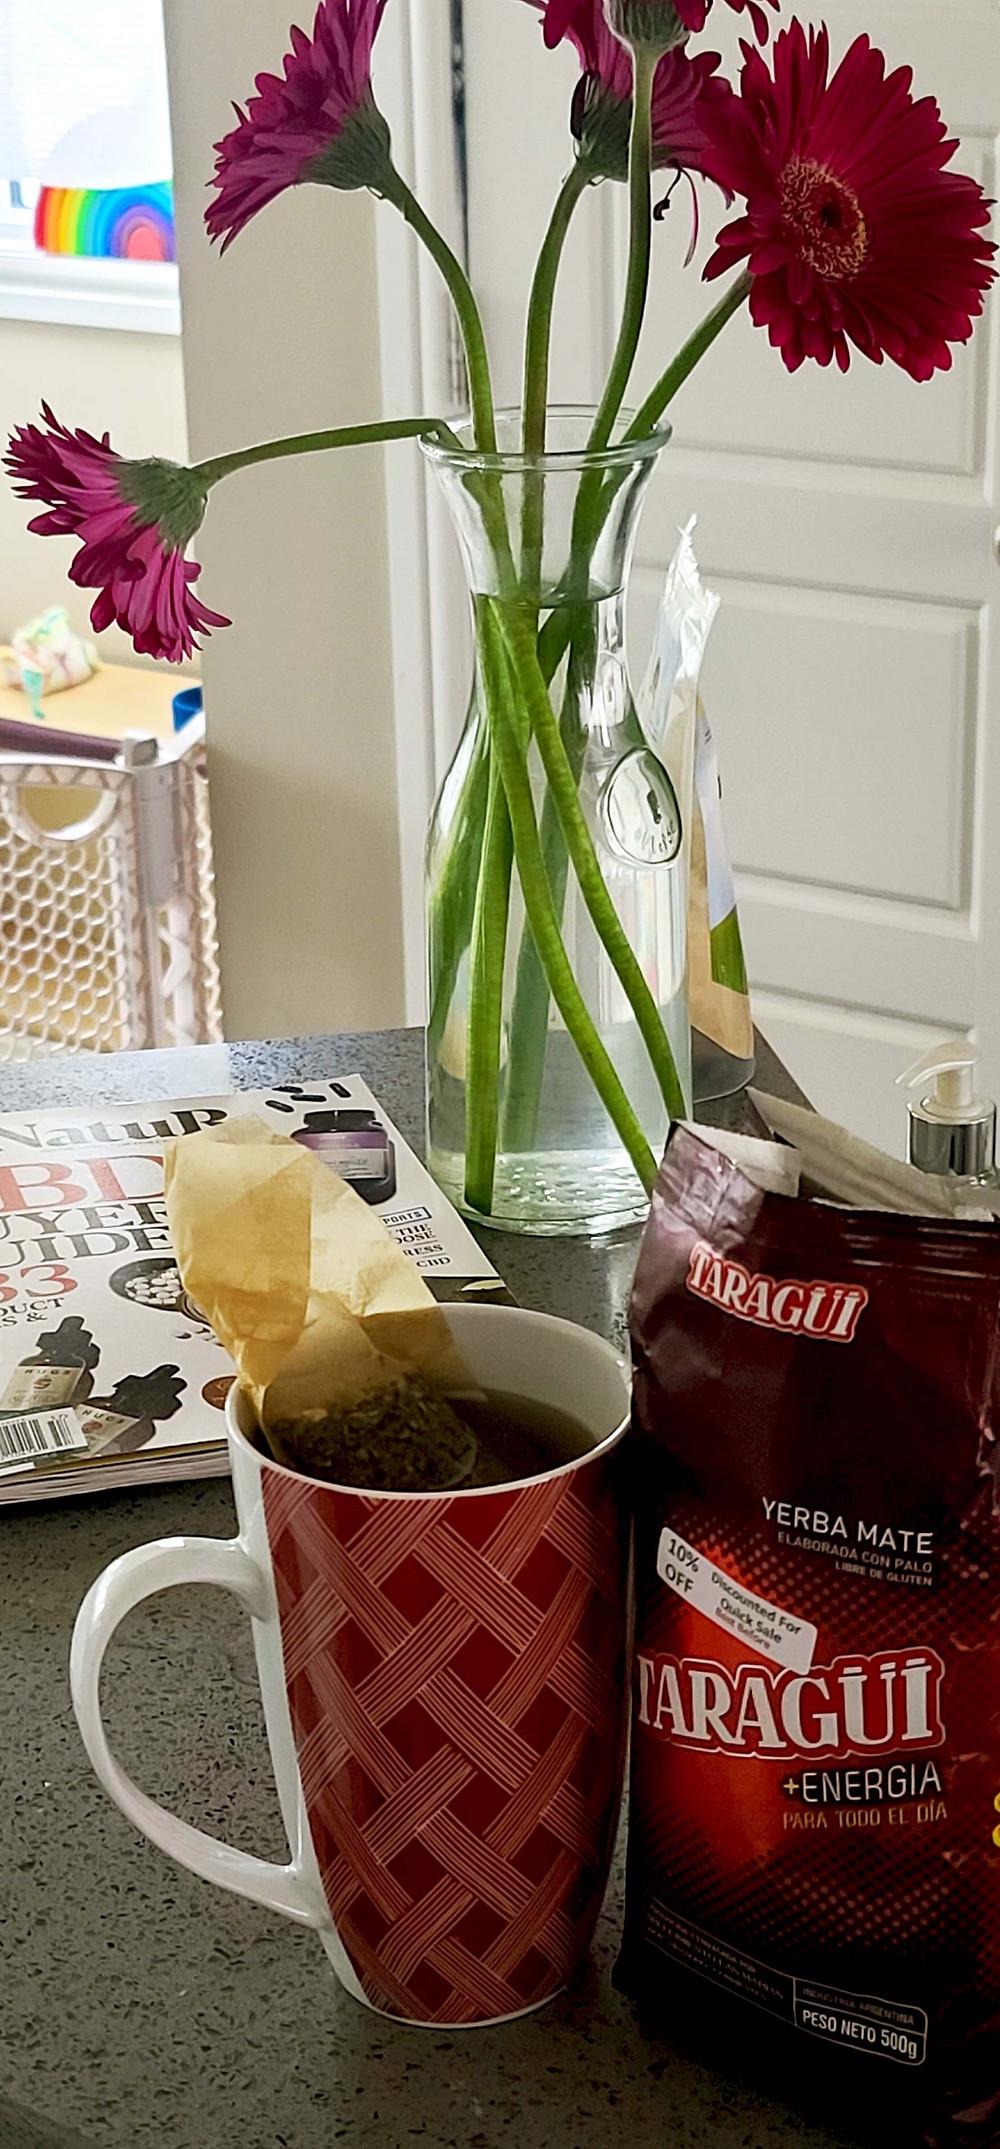 A nice hot cup of Taragui yerba mate.